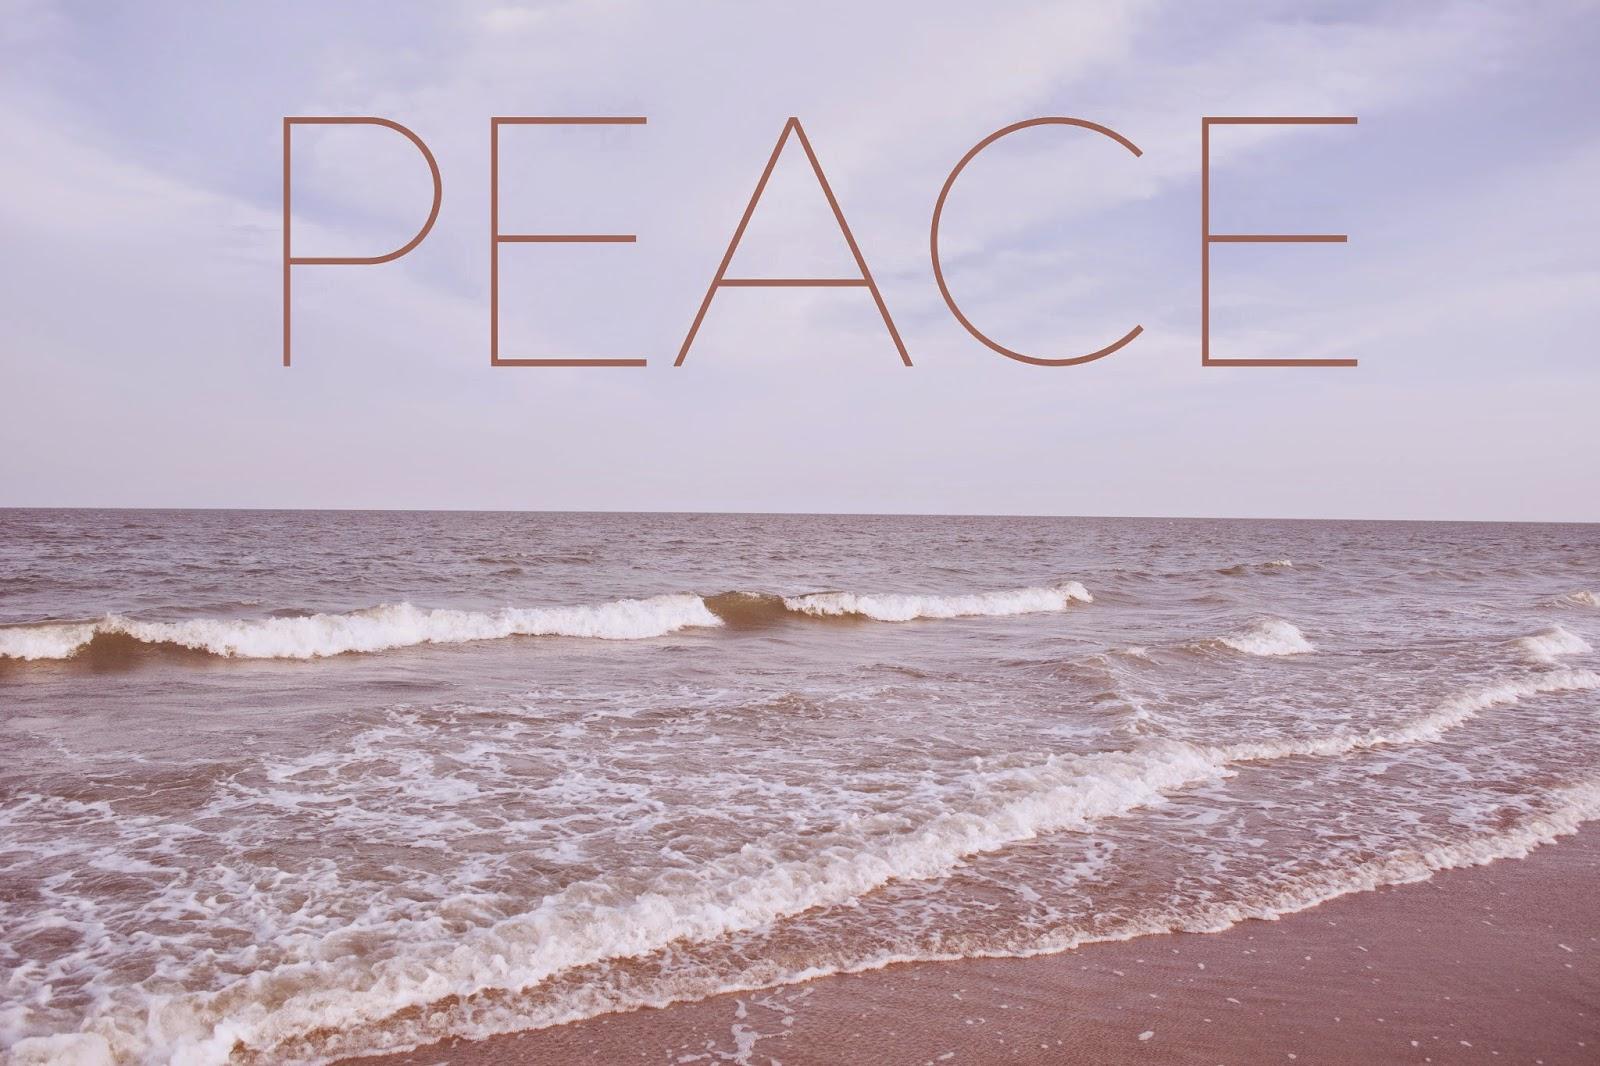 http://1.bp.blogspot.com/-N_KkgAoEDJg/VKc4VlHZgSI/AAAAAAAAEtc/MMqFFuJ2SX4/s1600/peace.jpg